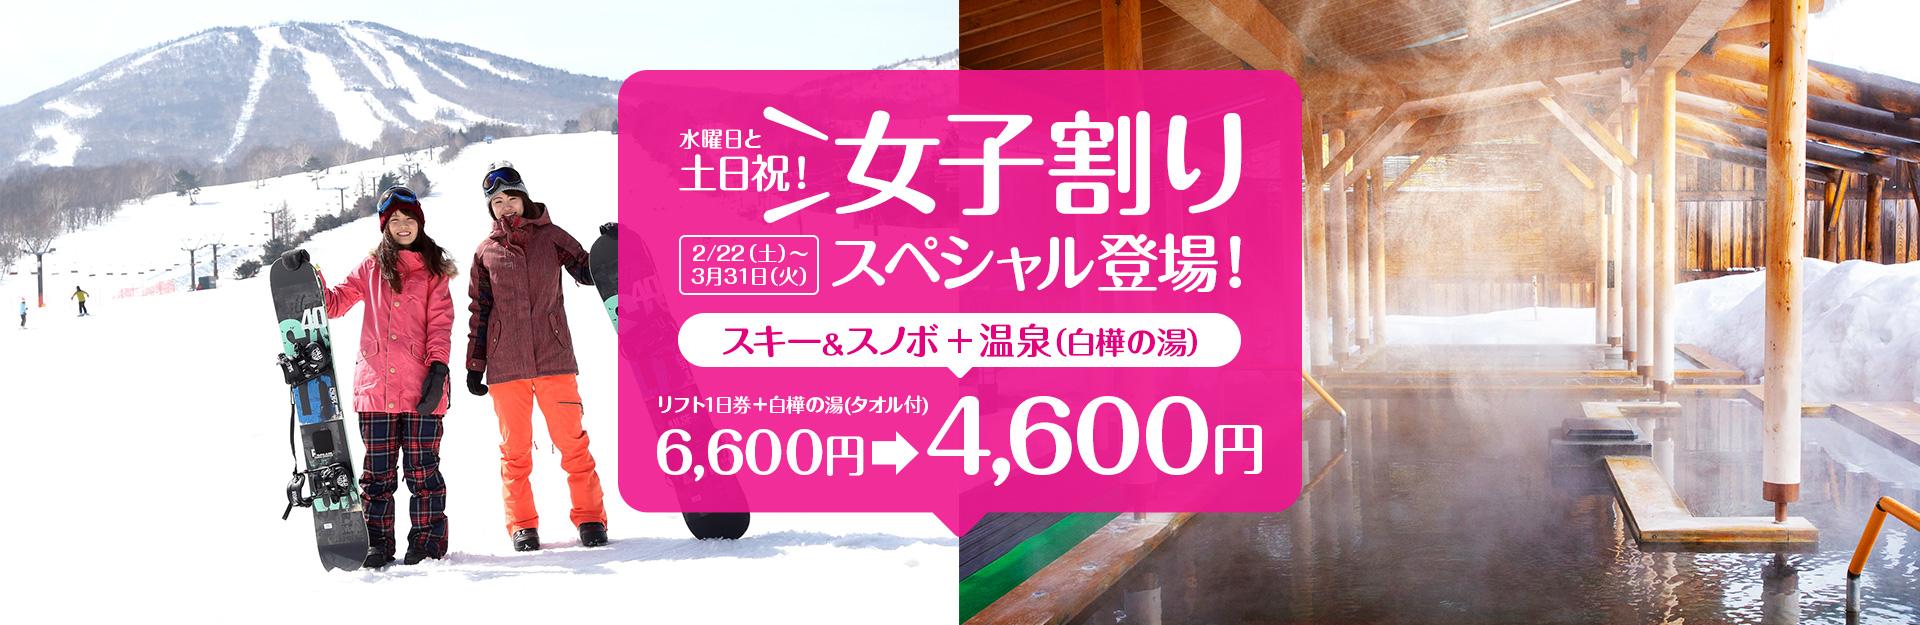 水曜日と土日祝!女子割りスペシャル登場! スキー&スノボ+温泉(白樺の湯)付きが4,600円!